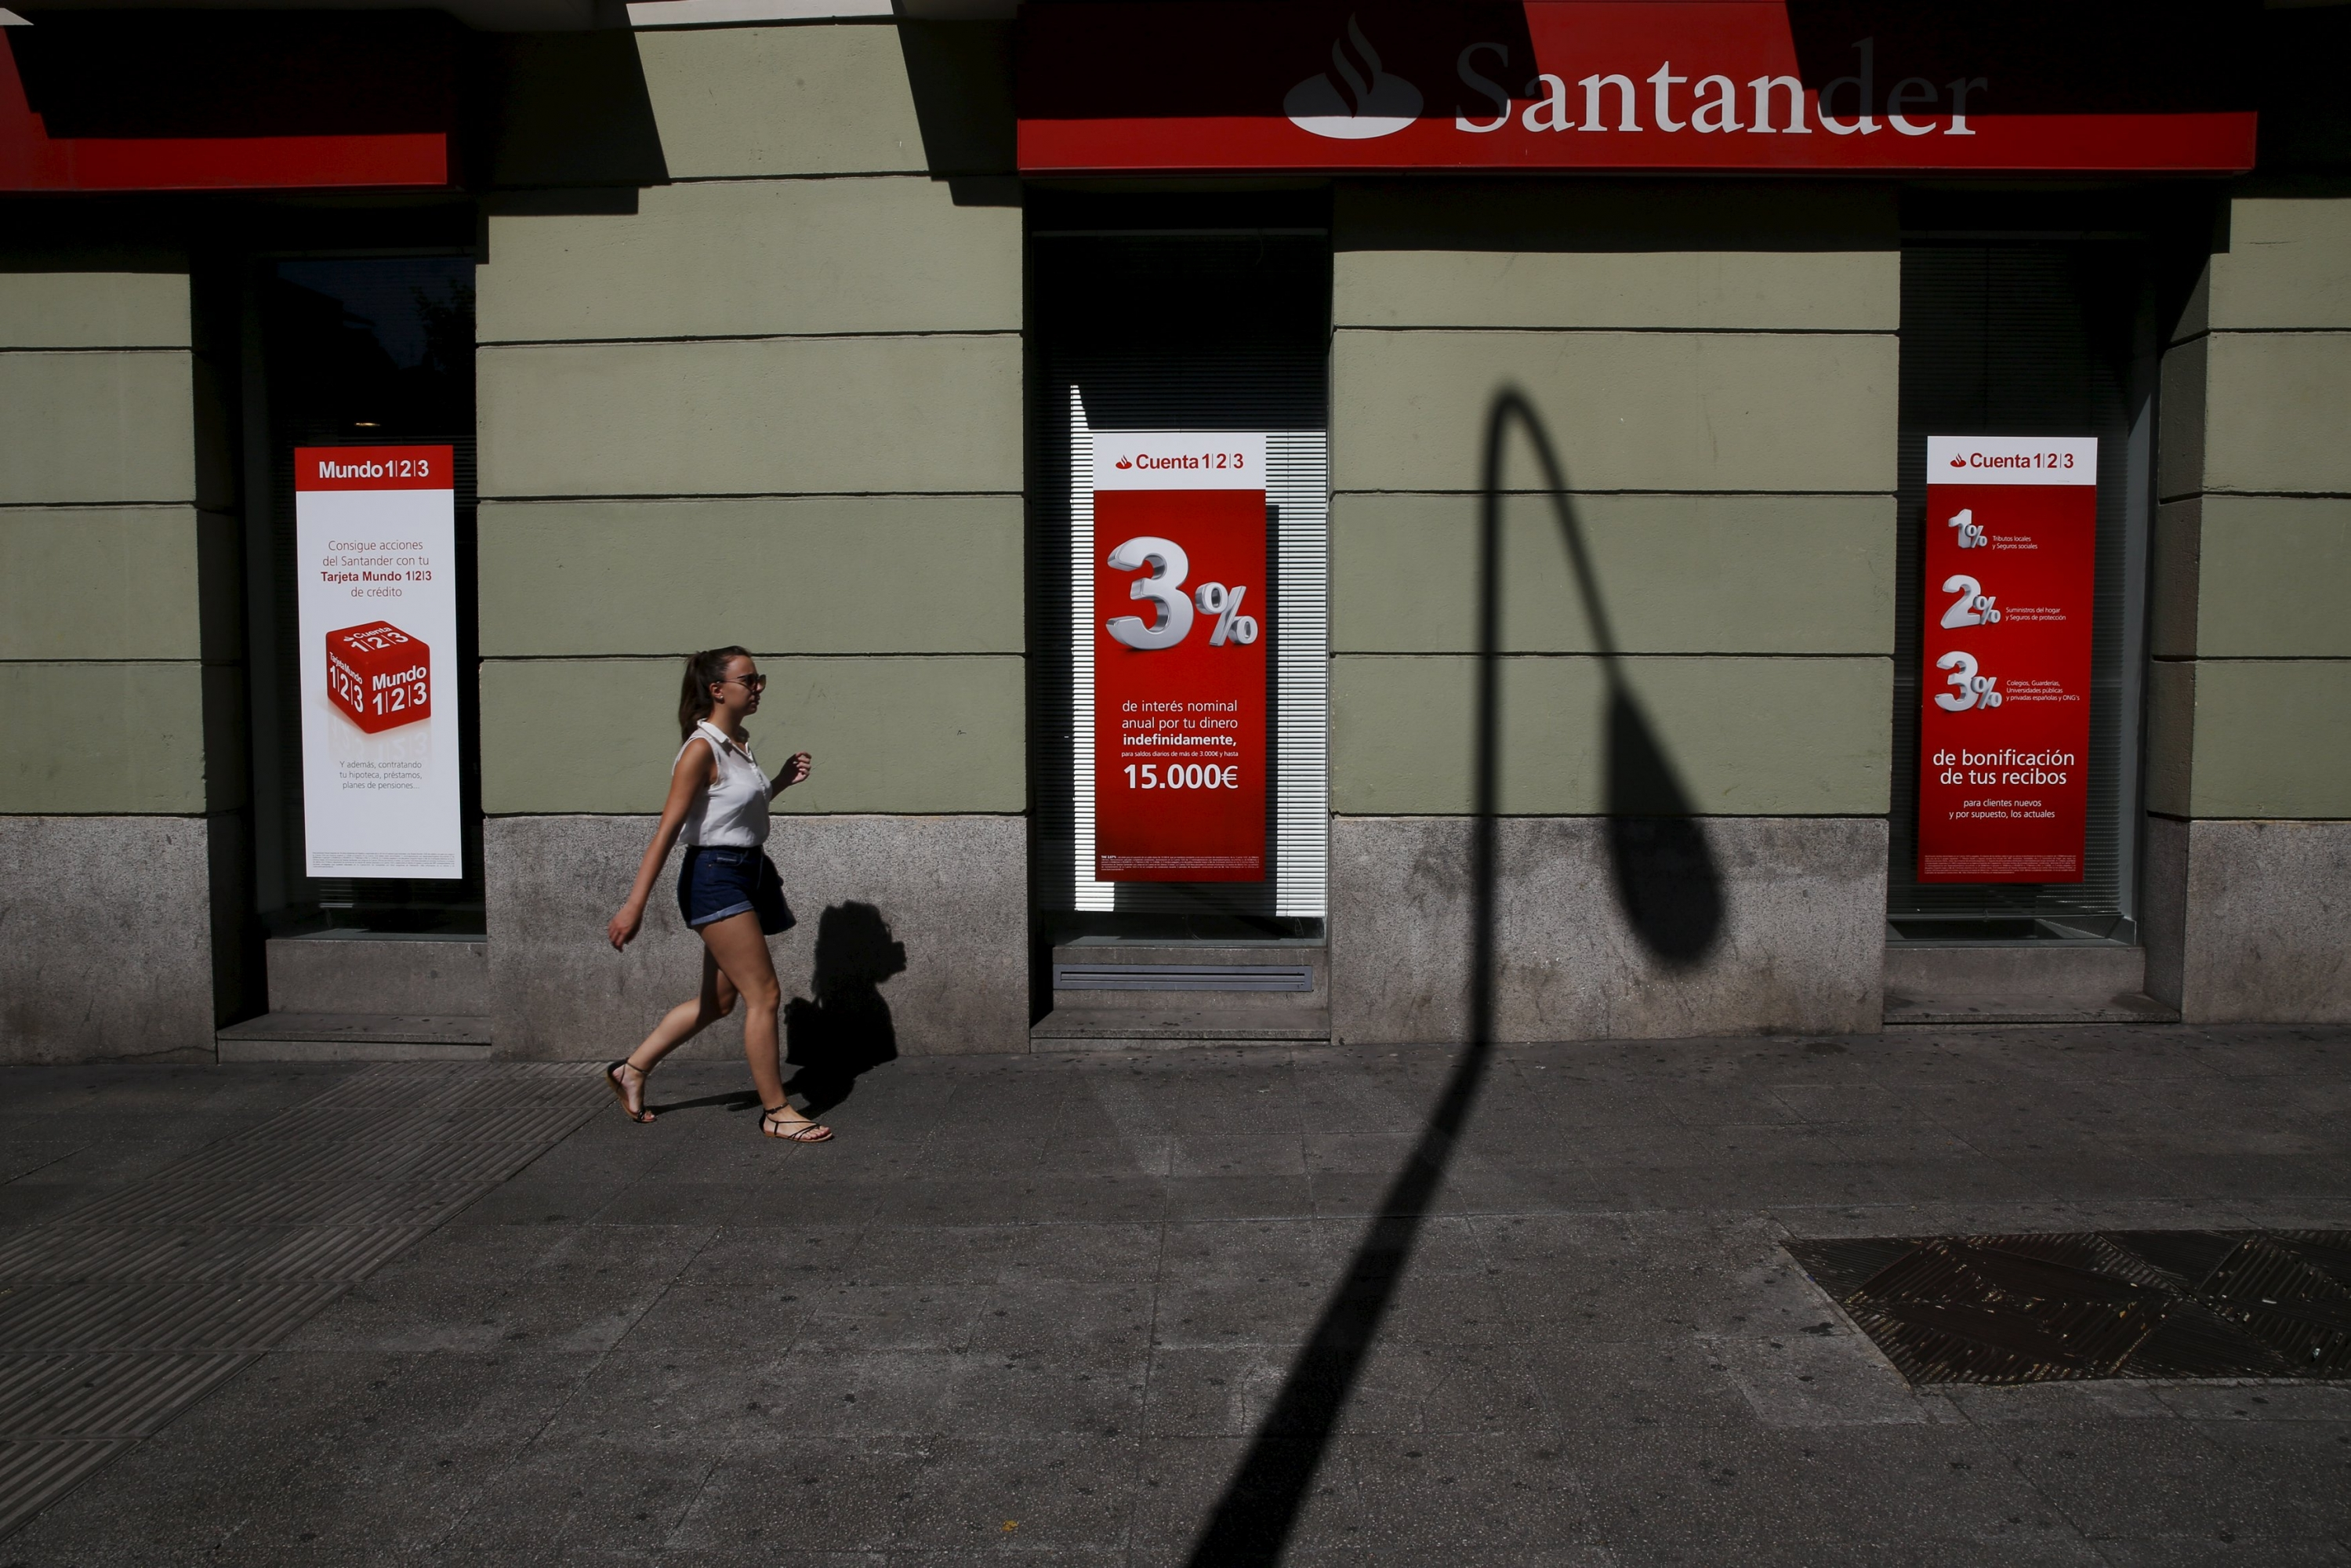 Adicae denuncia que el santander fuerza a sus clientes a for Santander cajeros madrid